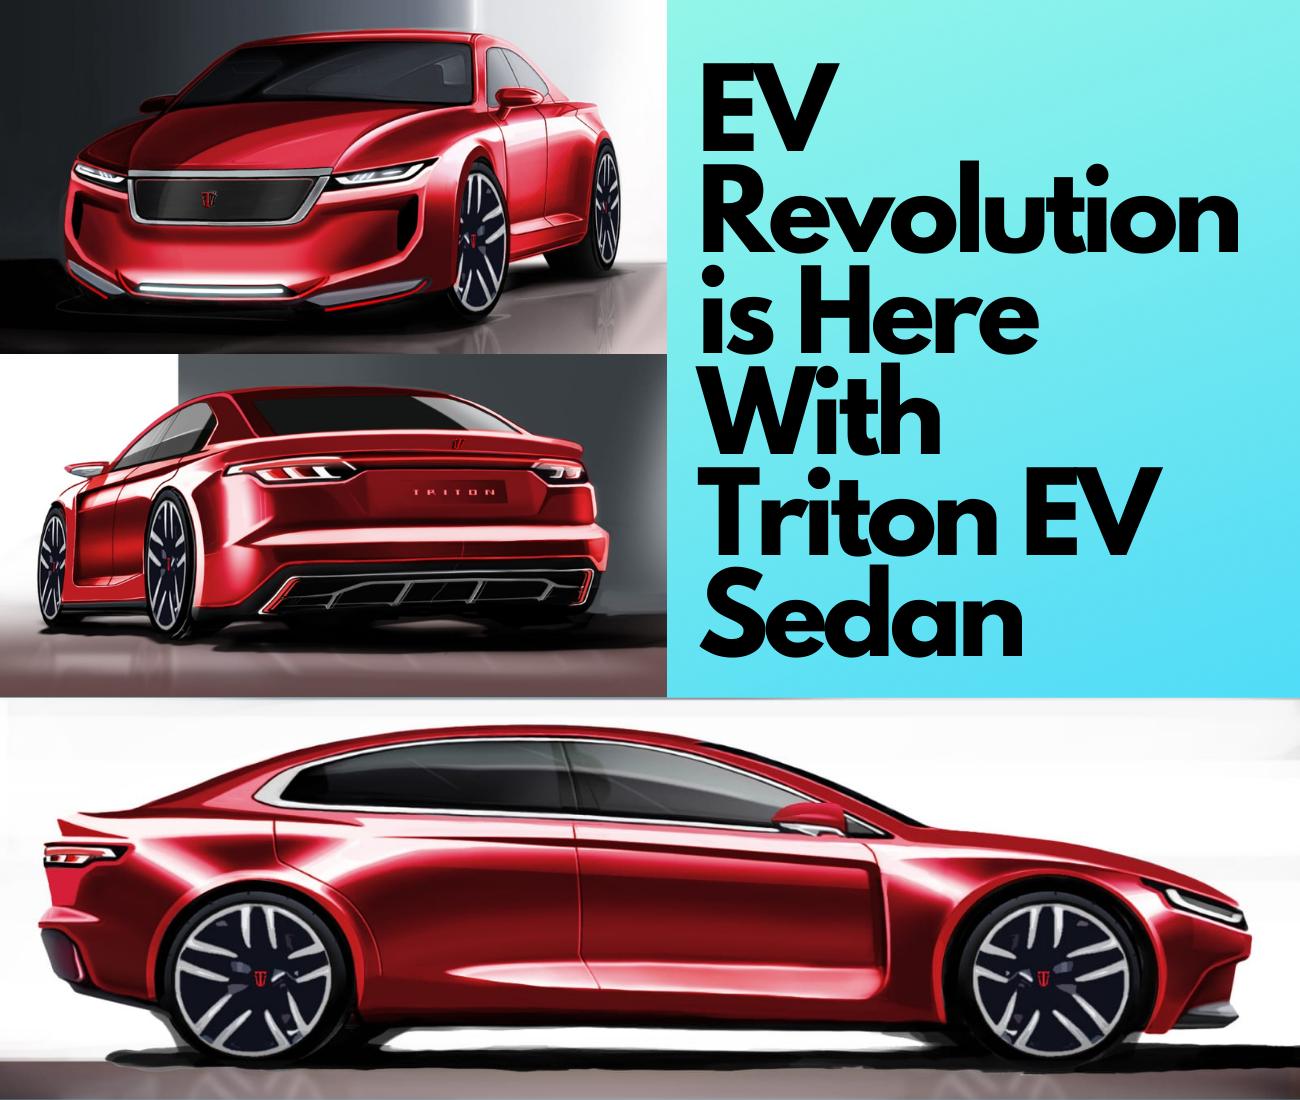 Troton EV, Electric Vehicle, Triton EV N4 Sedan